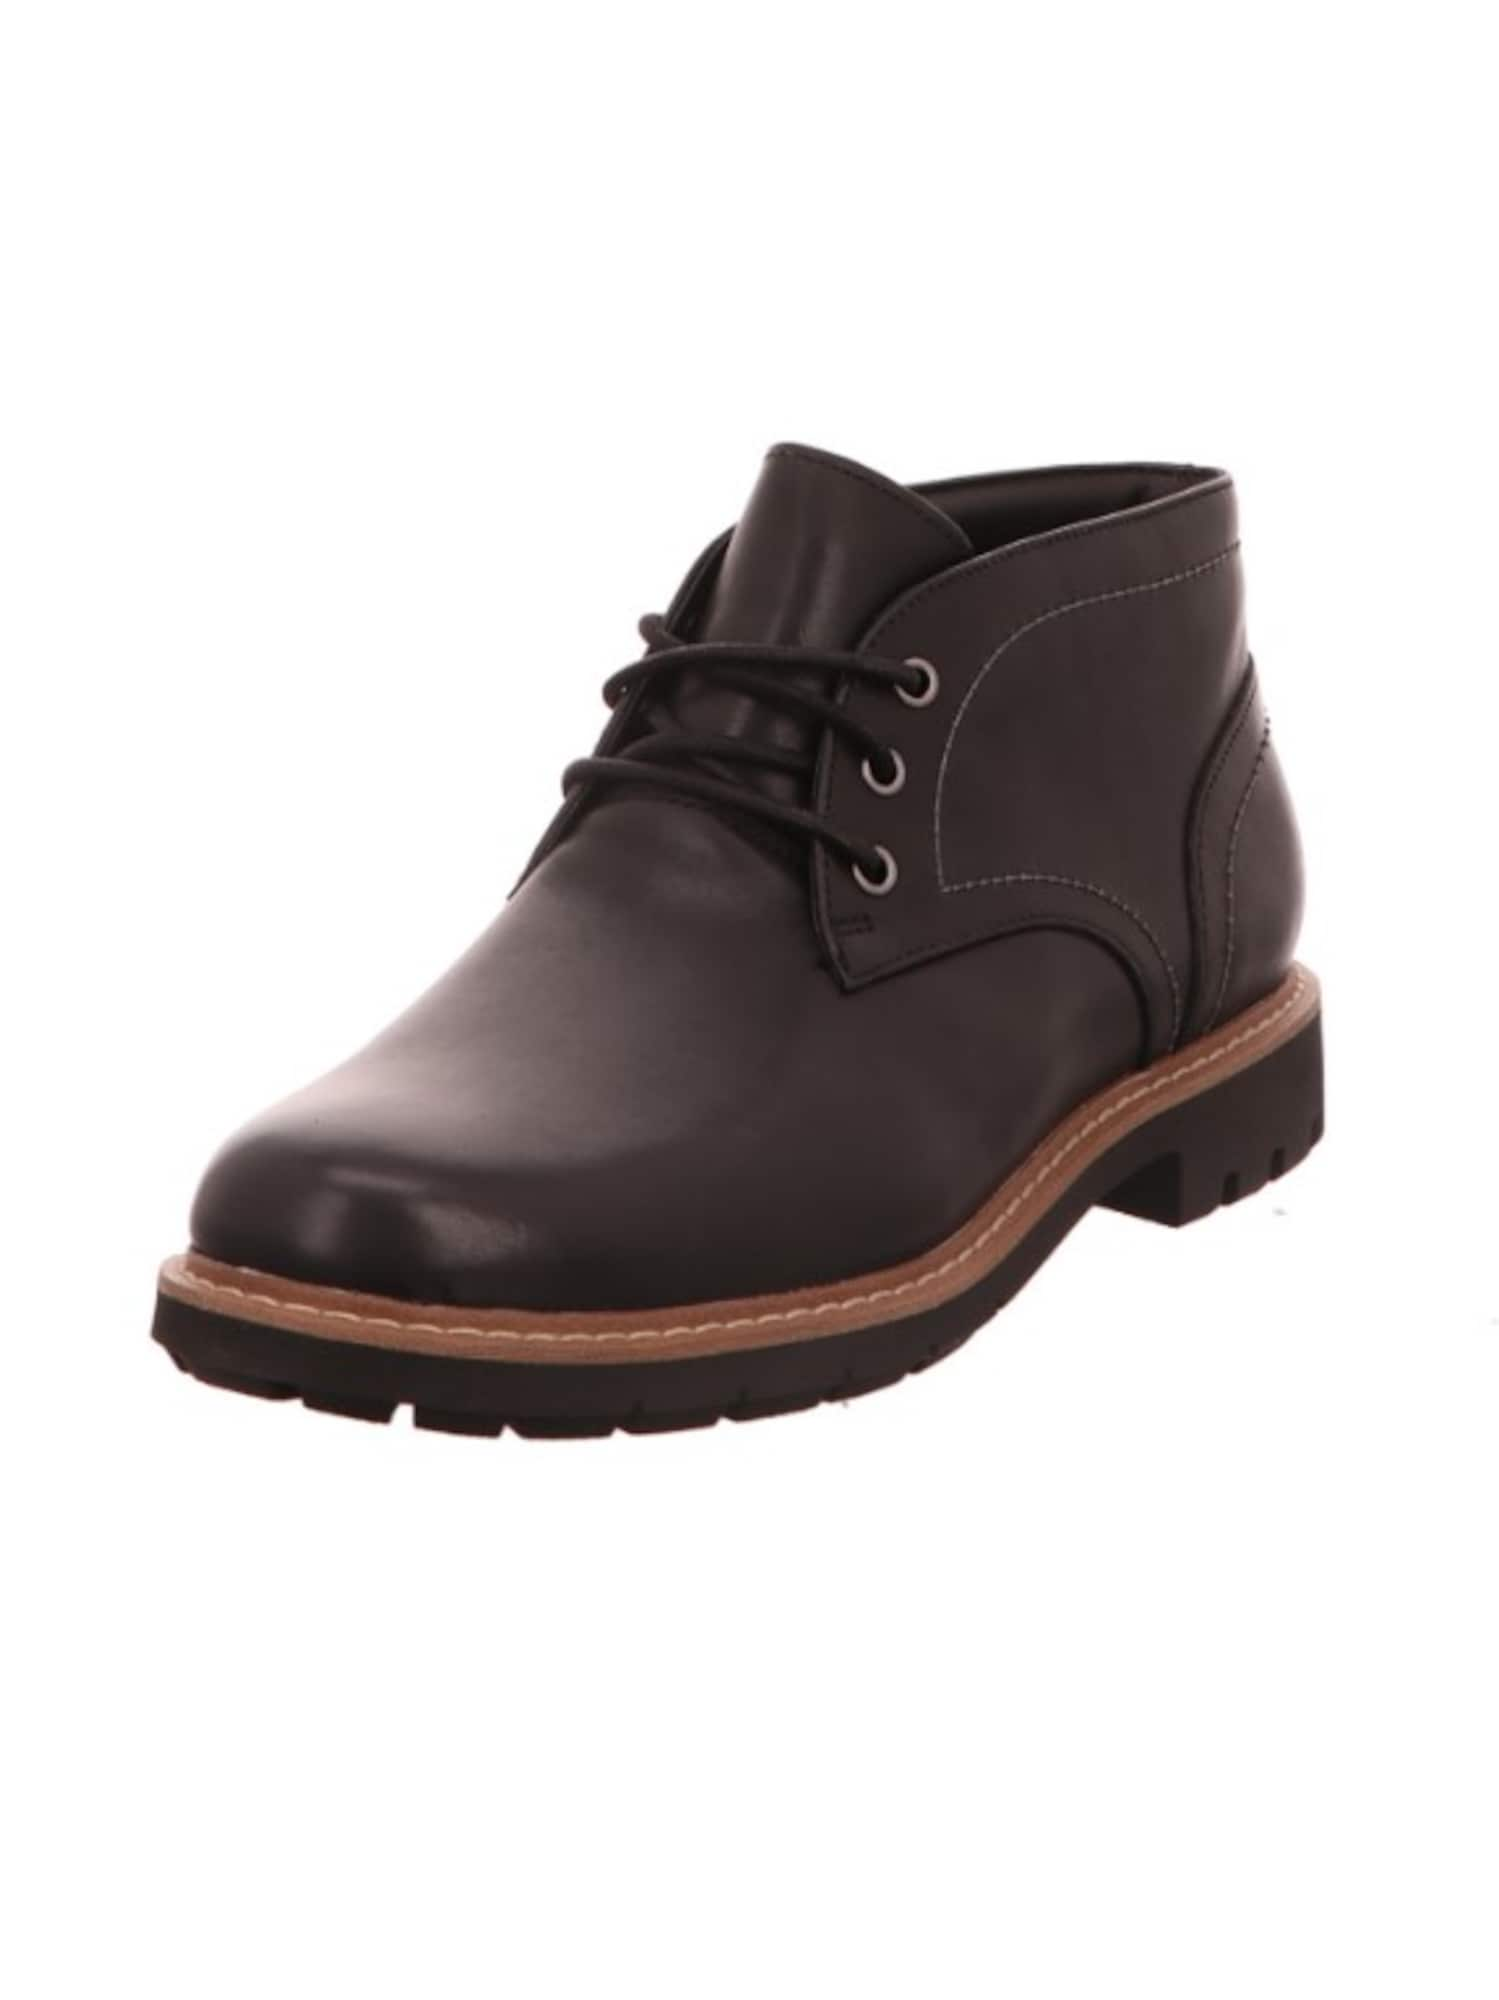 Šněrovací boty Batcombe černá CLARKS